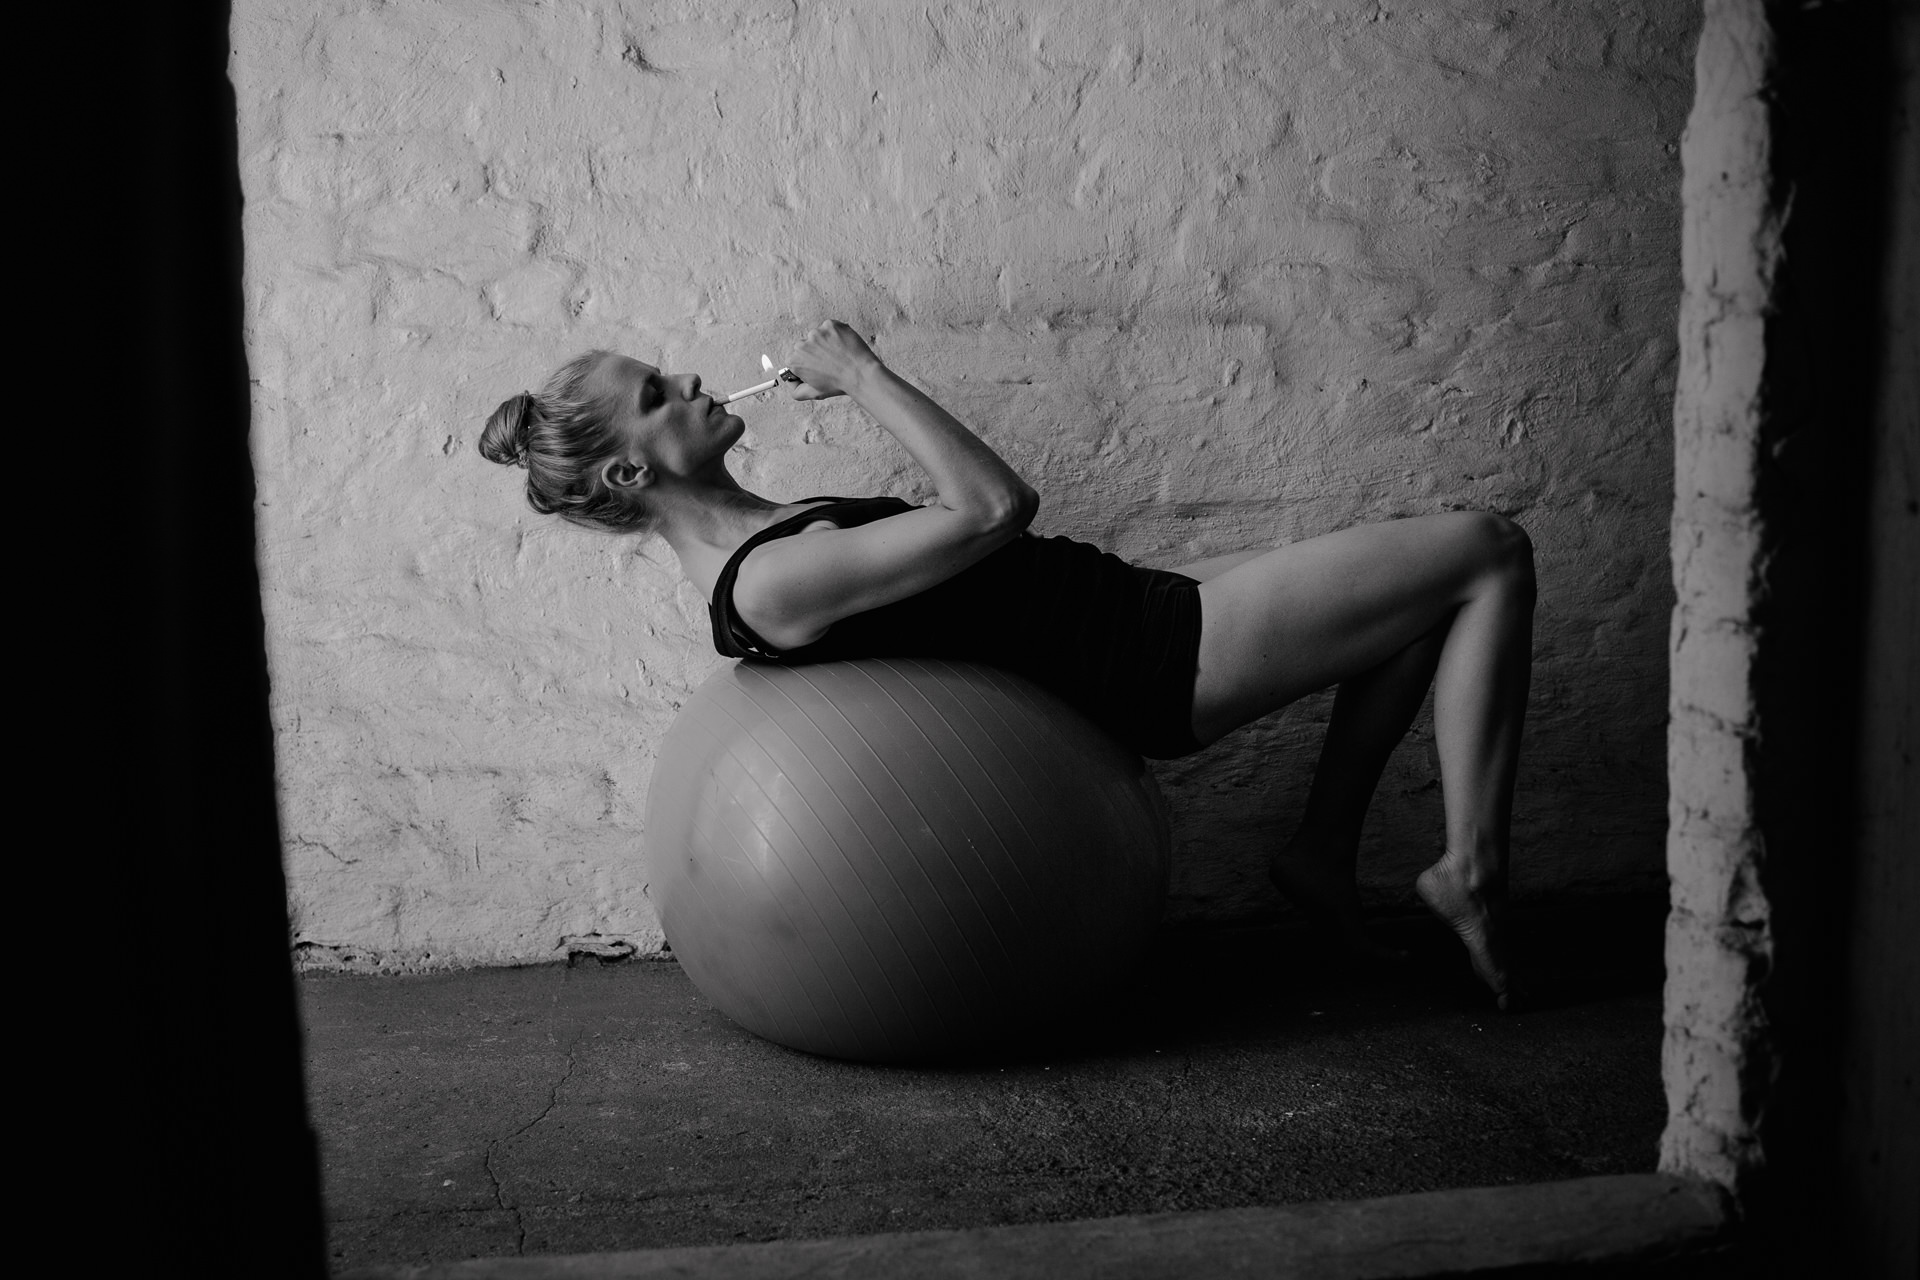 christina-arndt-ambivalenz-ball-5